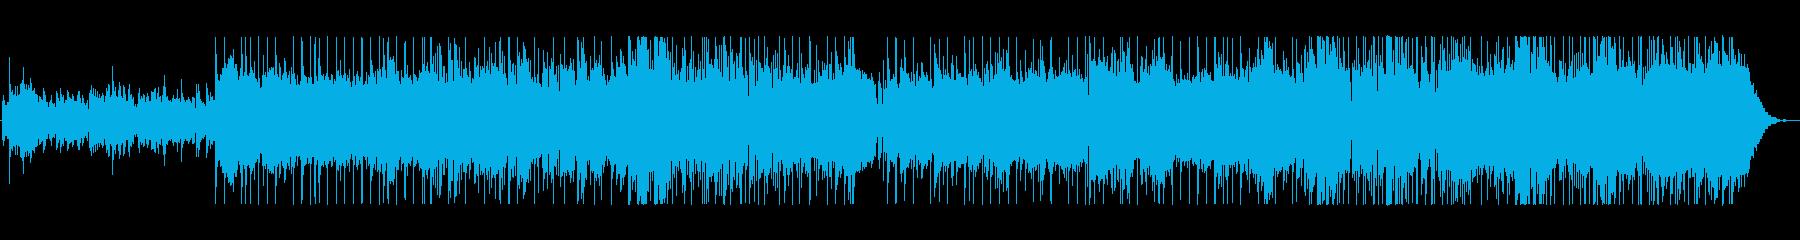 木琴/ビブラフォン(Quiet S...の再生済みの波形